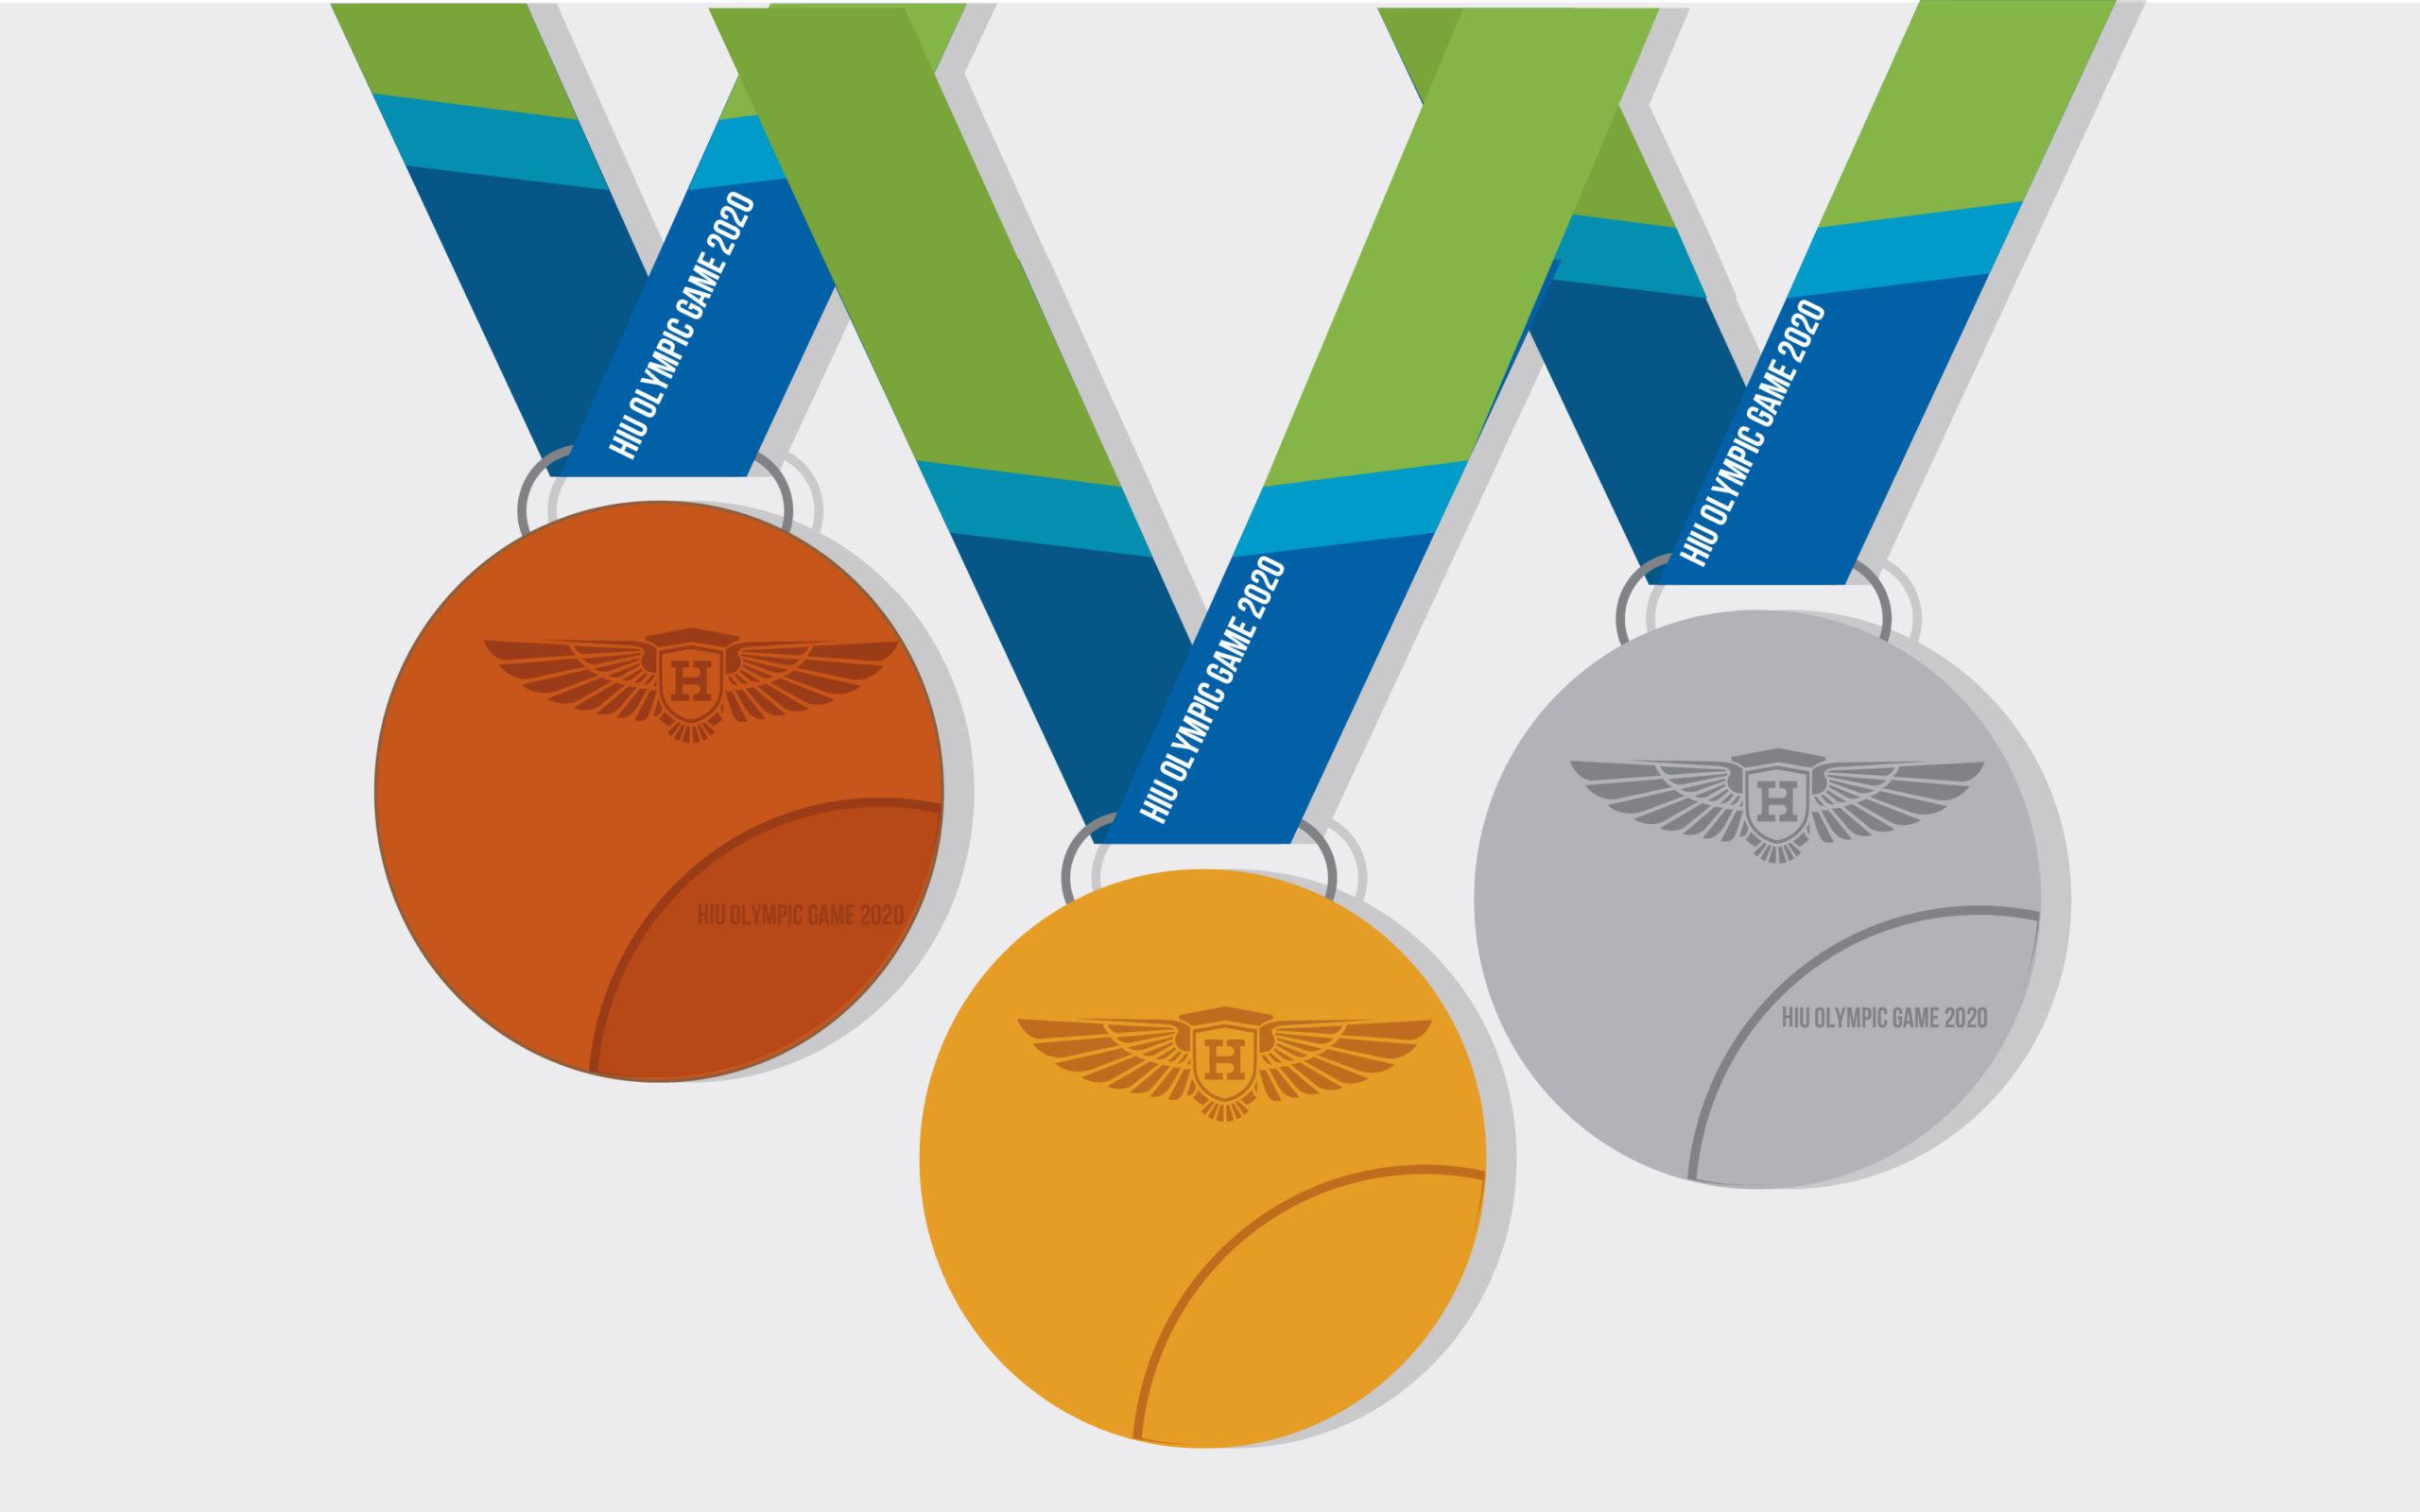 HIU Olympic Game – Khởi động mùa giải 2020